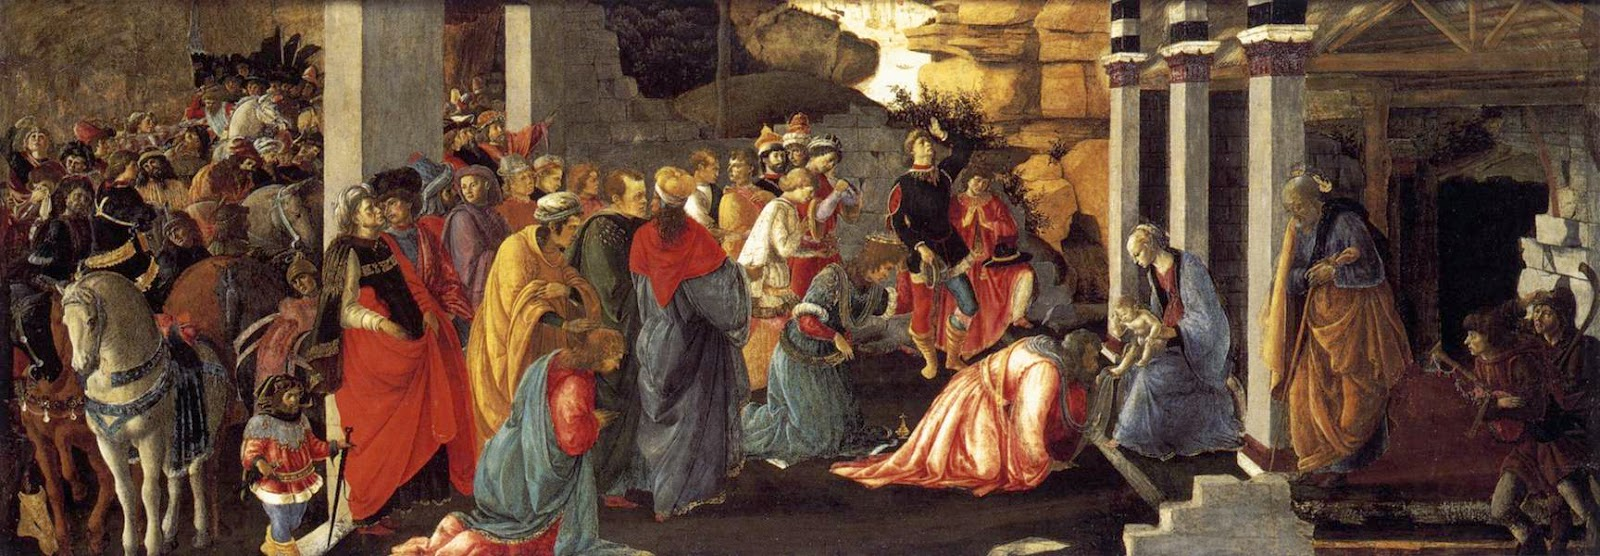 Resultado de imagen de Cuadros Antiguos sobre la adoración de los Reyes Magos